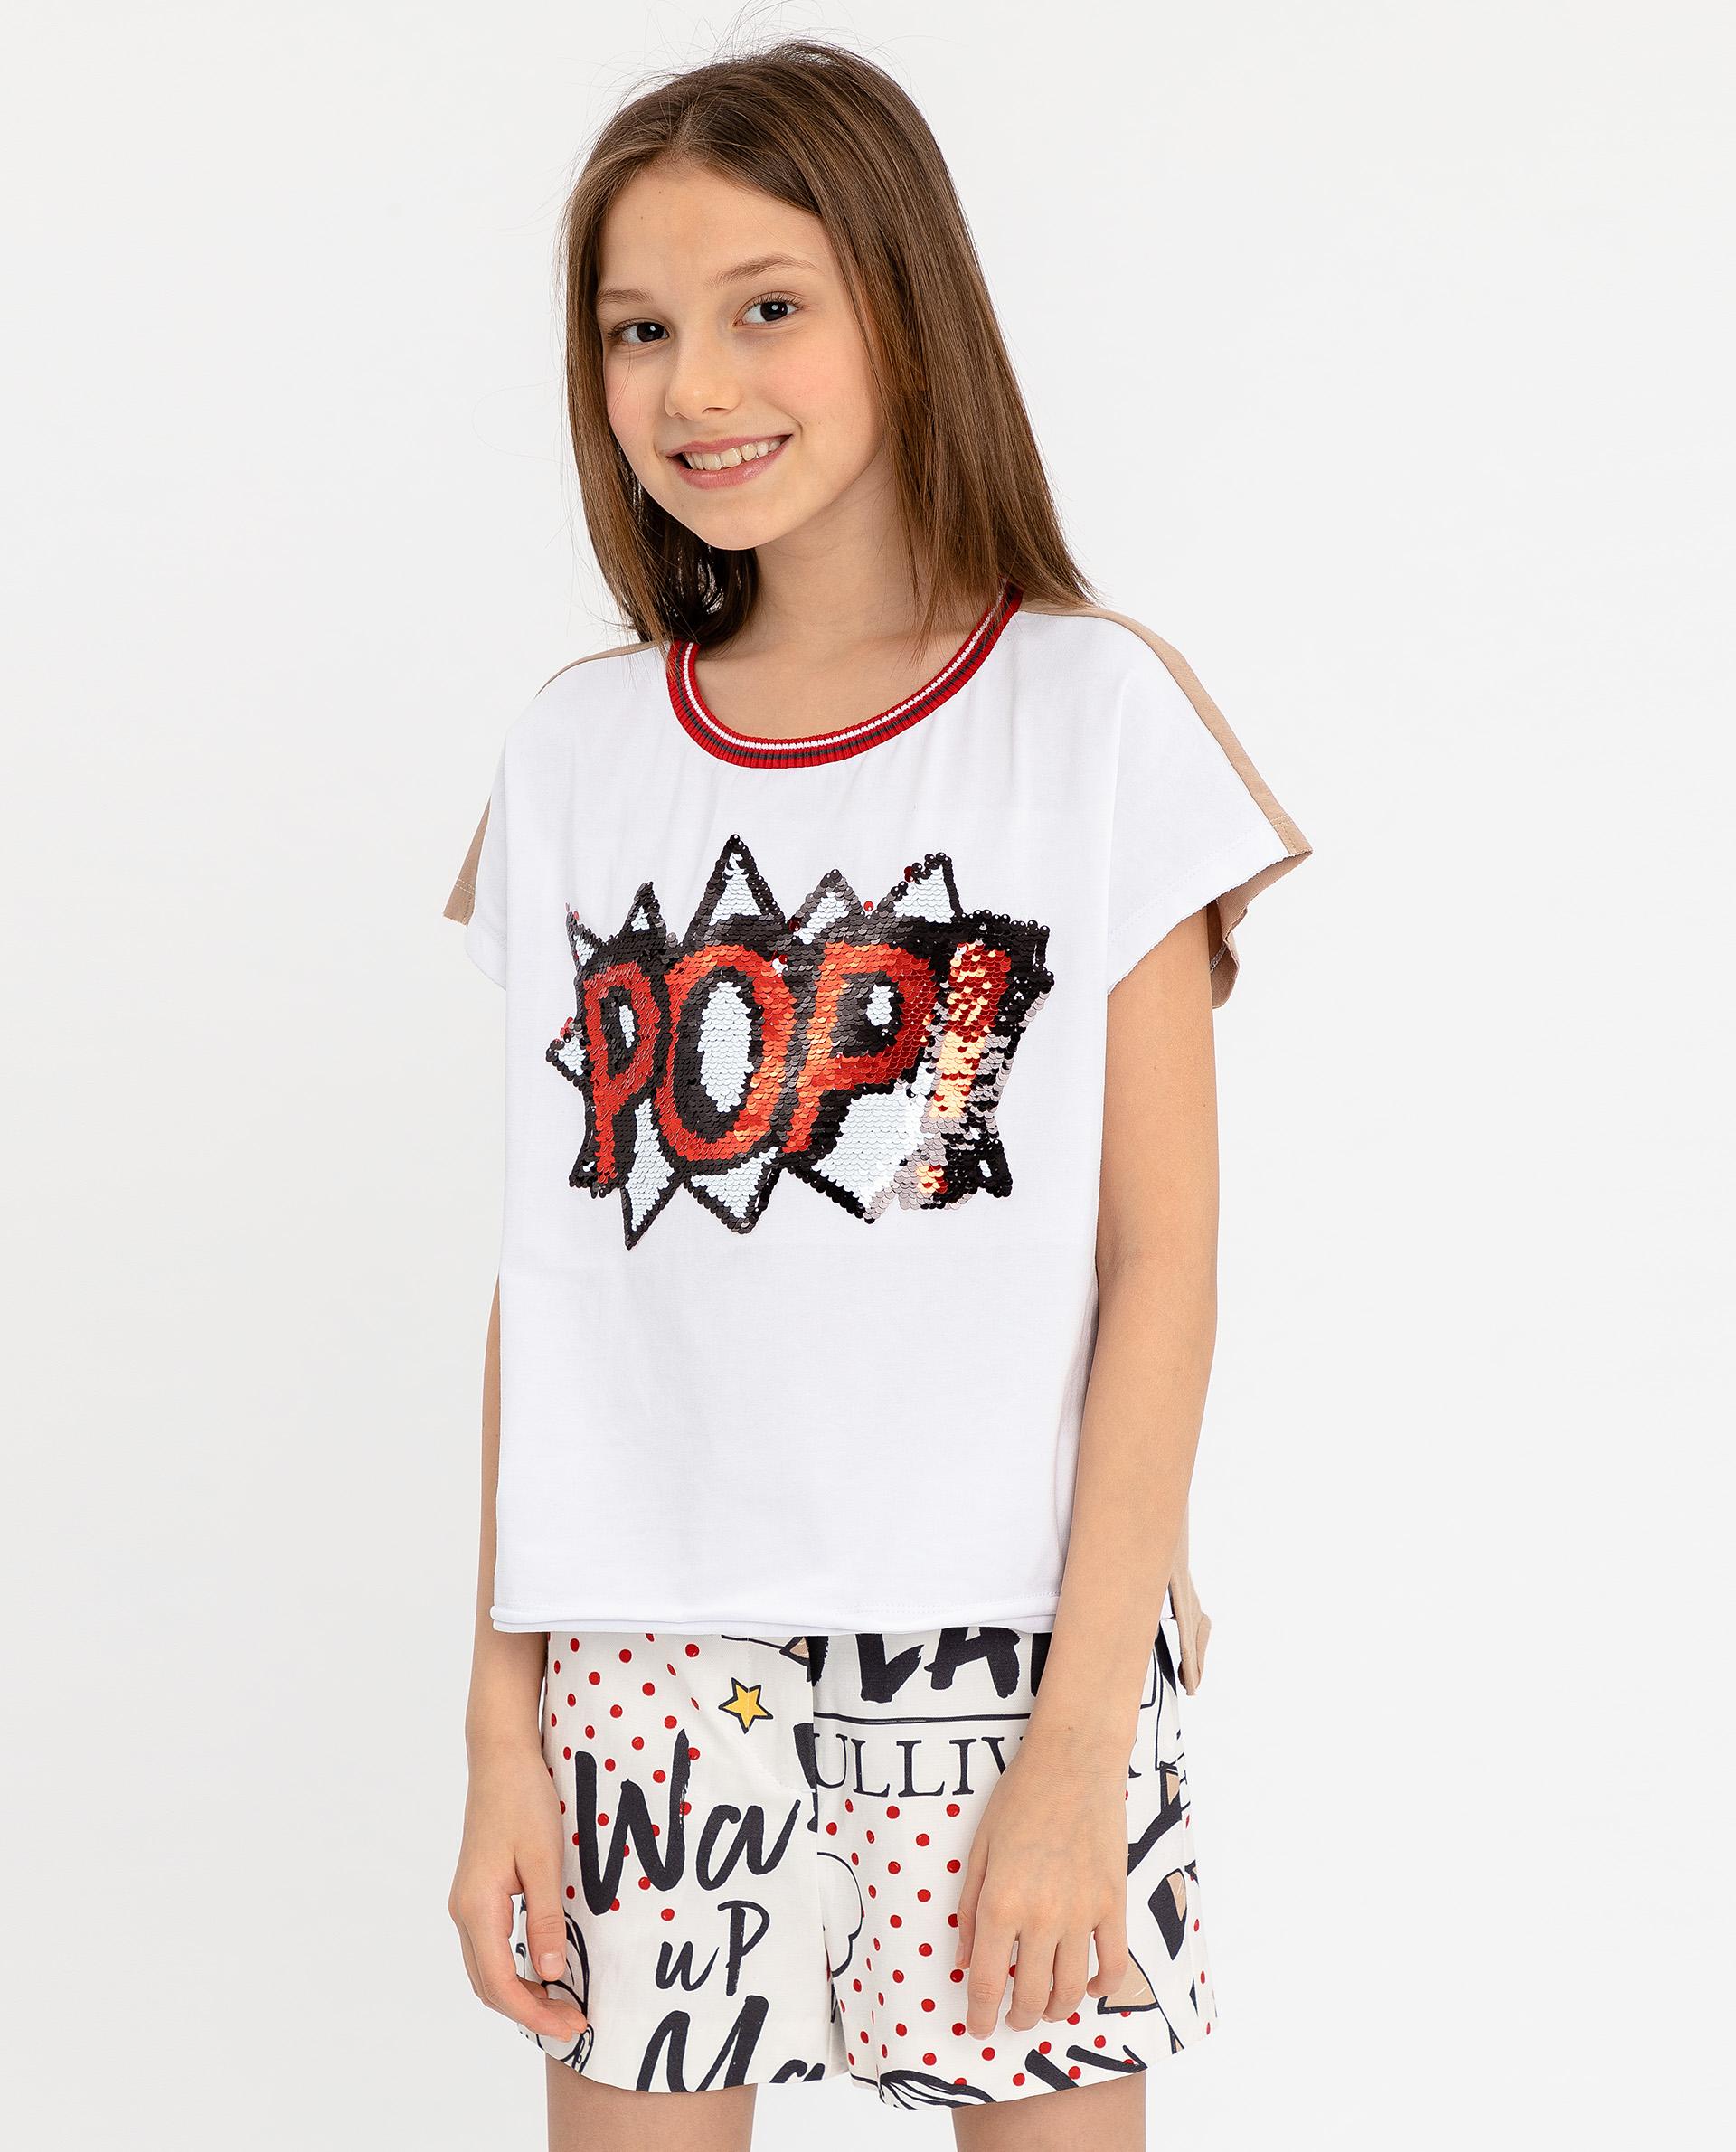 Купить 12008GJC1215, Двухцветная футболка с принтом Gulliver, белый, 164, Женский, ВЕСНА/ЛЕТО 2020 (shop: GulliverMarket Gulliver Market)